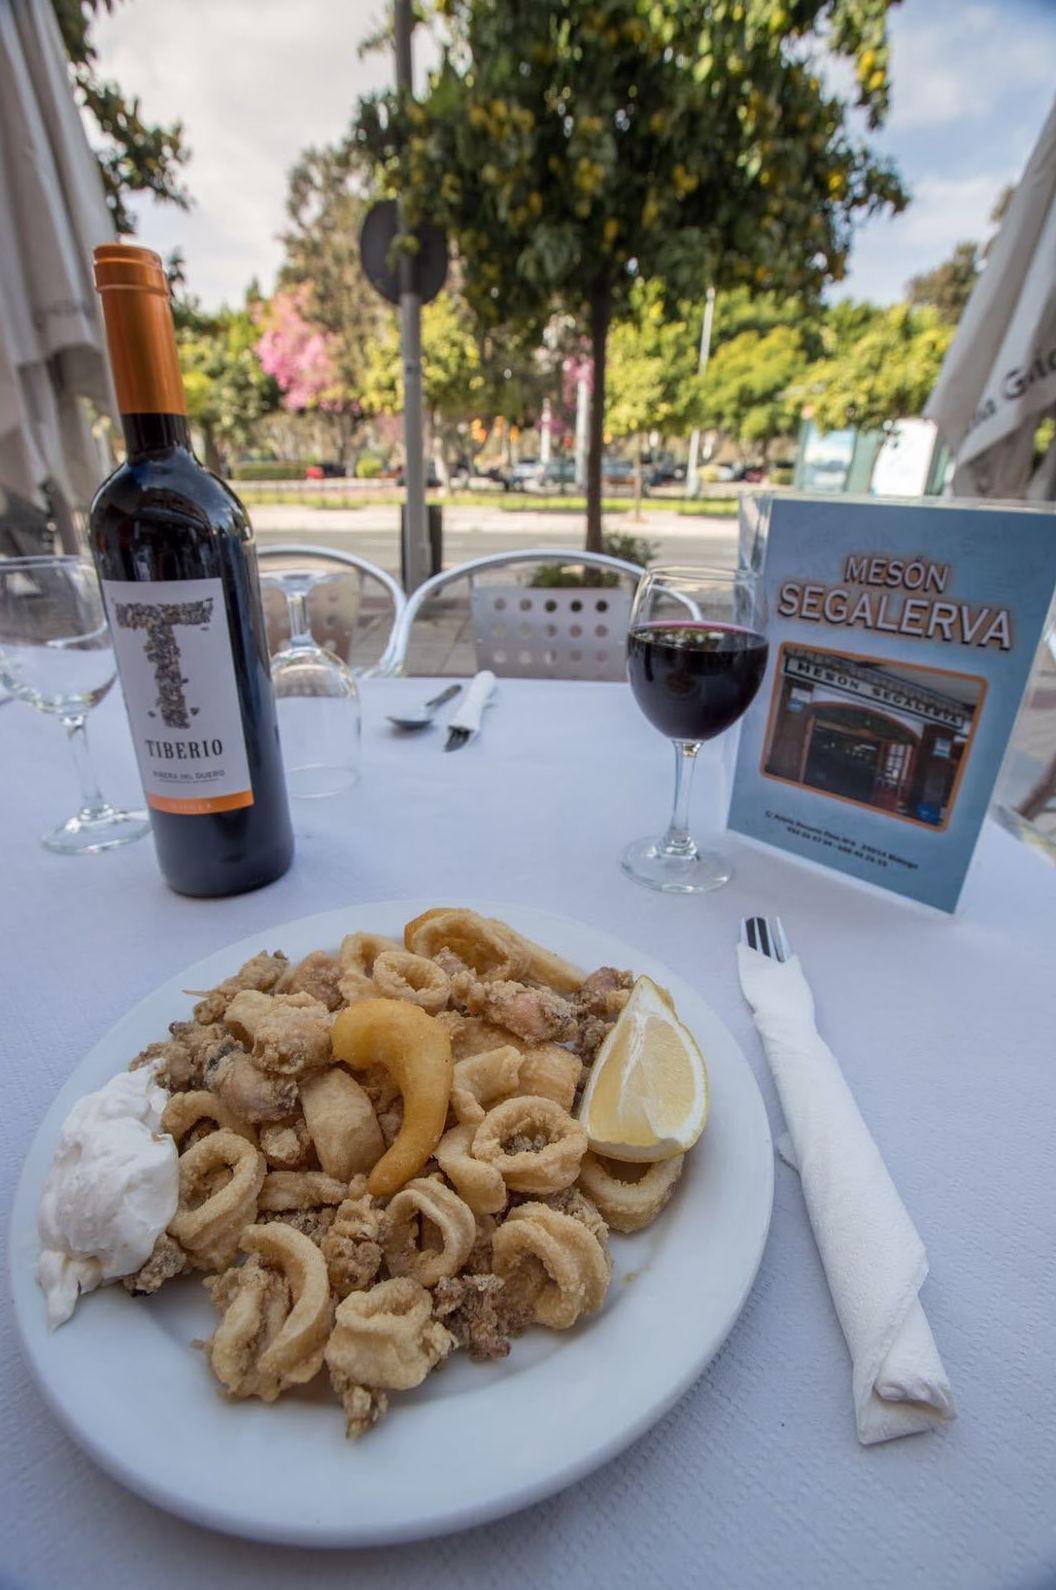 Foto 10 de Mesones en Málaga | Mesón Segalerva